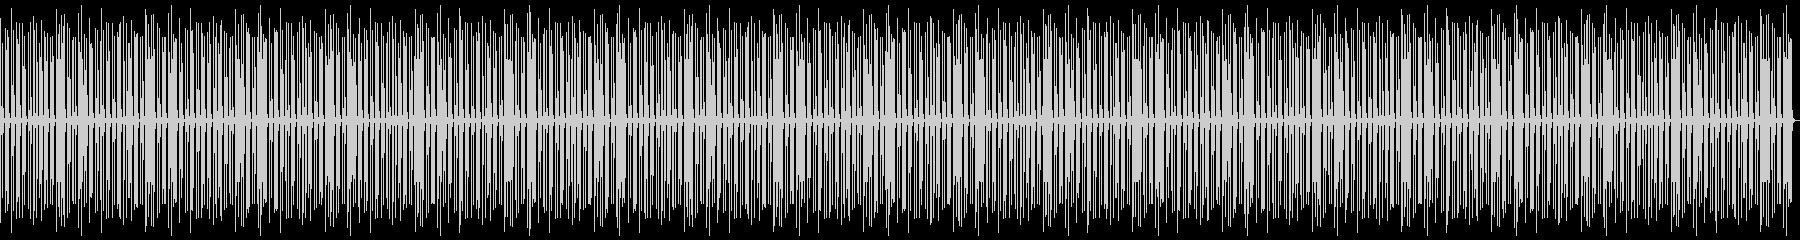 知育・料理・パズル・日常ピアノ32Lの未再生の波形